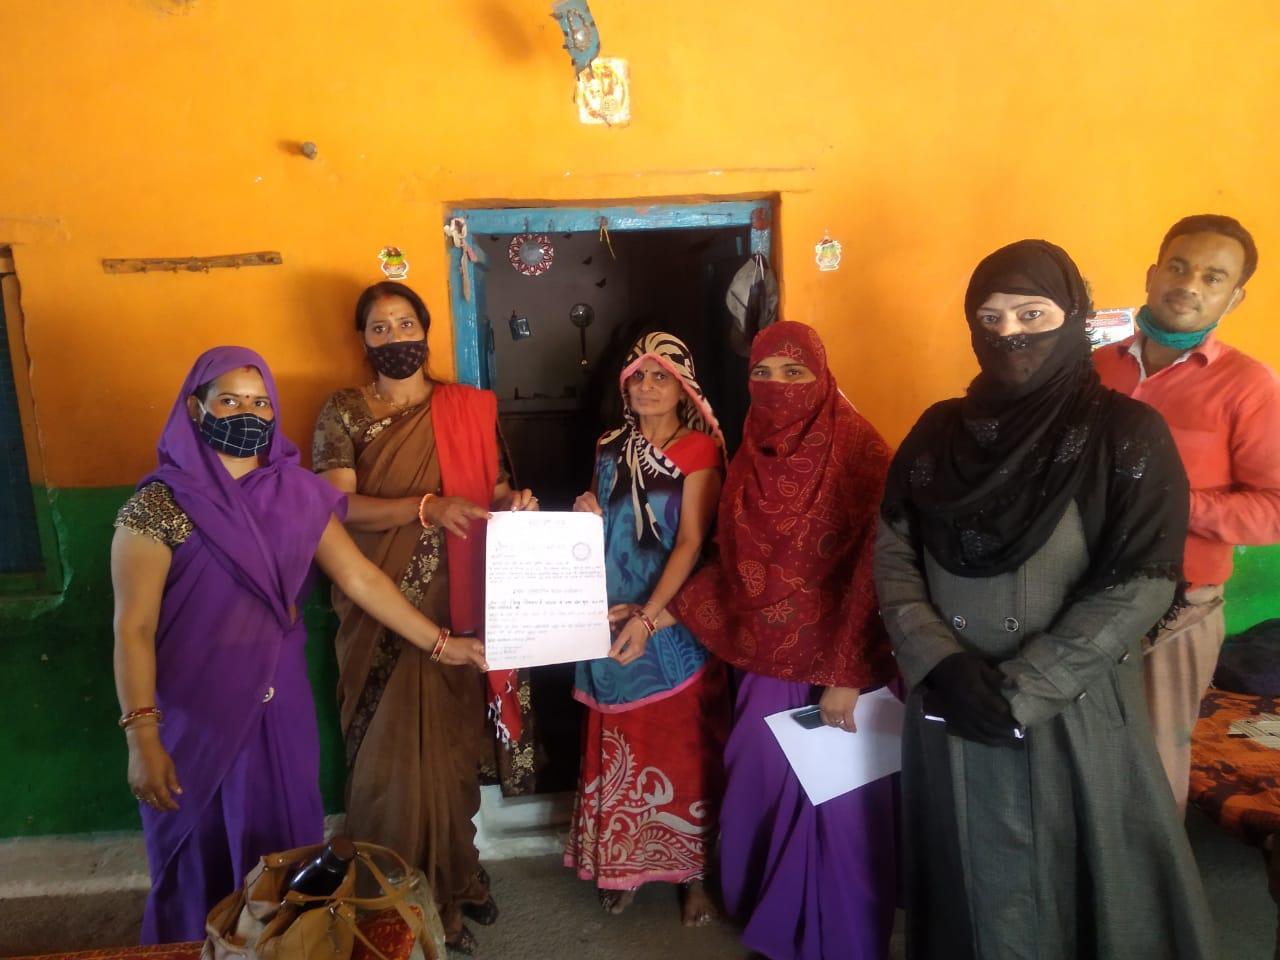 गांव में वैक्सीन लगाने पीले चावल भेज दे रहे शादी जैसा न्यौता, तो ट्रक, बस, ट्रेक्टर- ट्रॉली के पीछे कोरोना से जुड़ी शायरी लिखने का भी चल रहा अभियान|भोपाल,Bhopal - Dainik Bhaskar